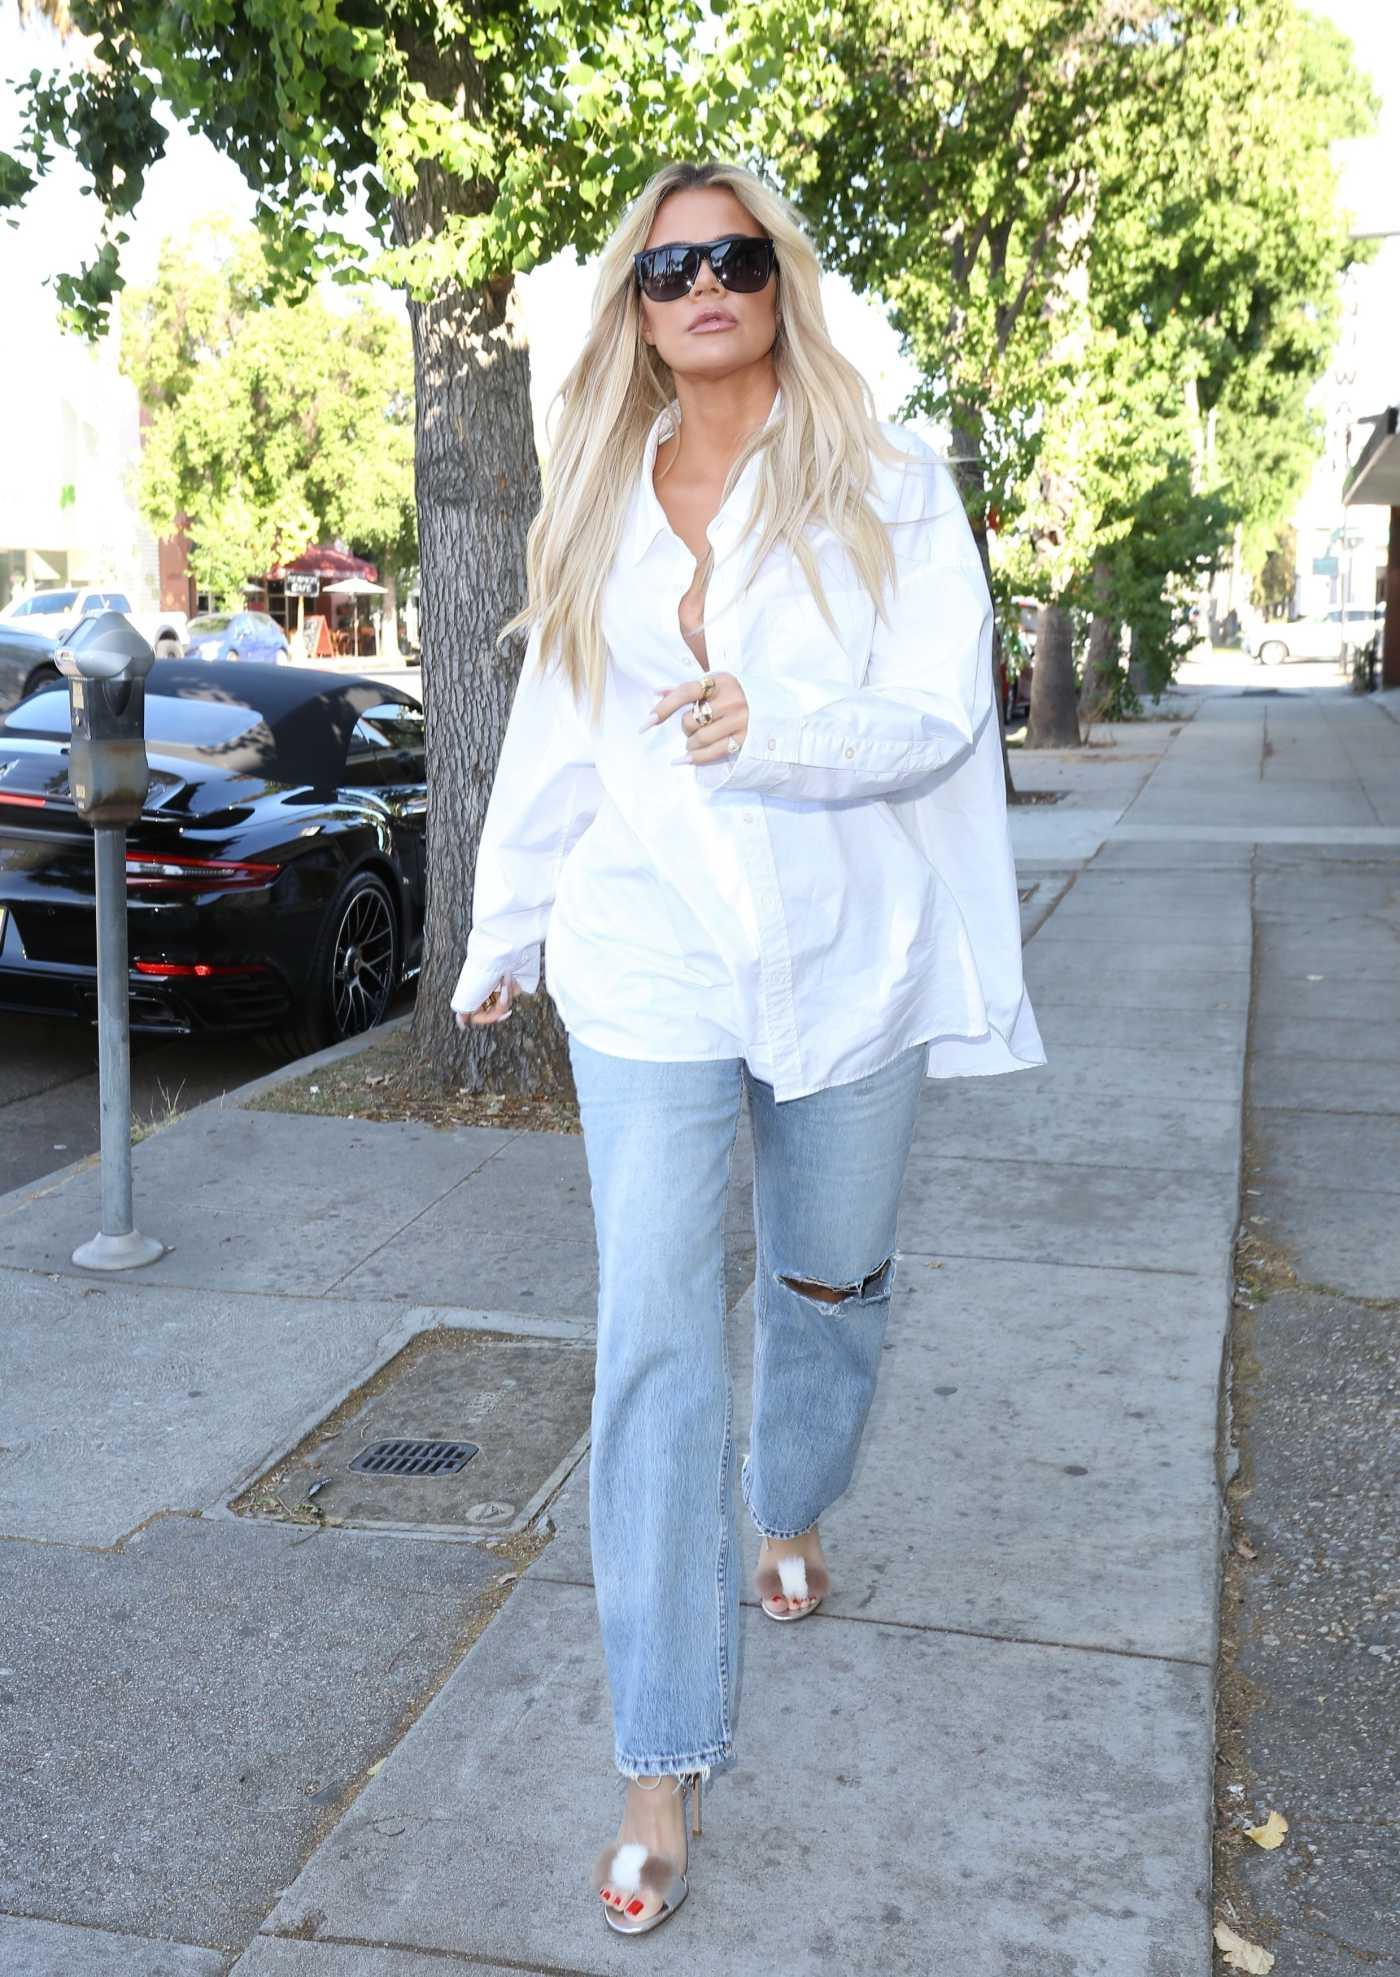 Khloe Kardashian in a Blue Ripped Jeans Was Seen Out in Sherman Oaks 10/03/2019